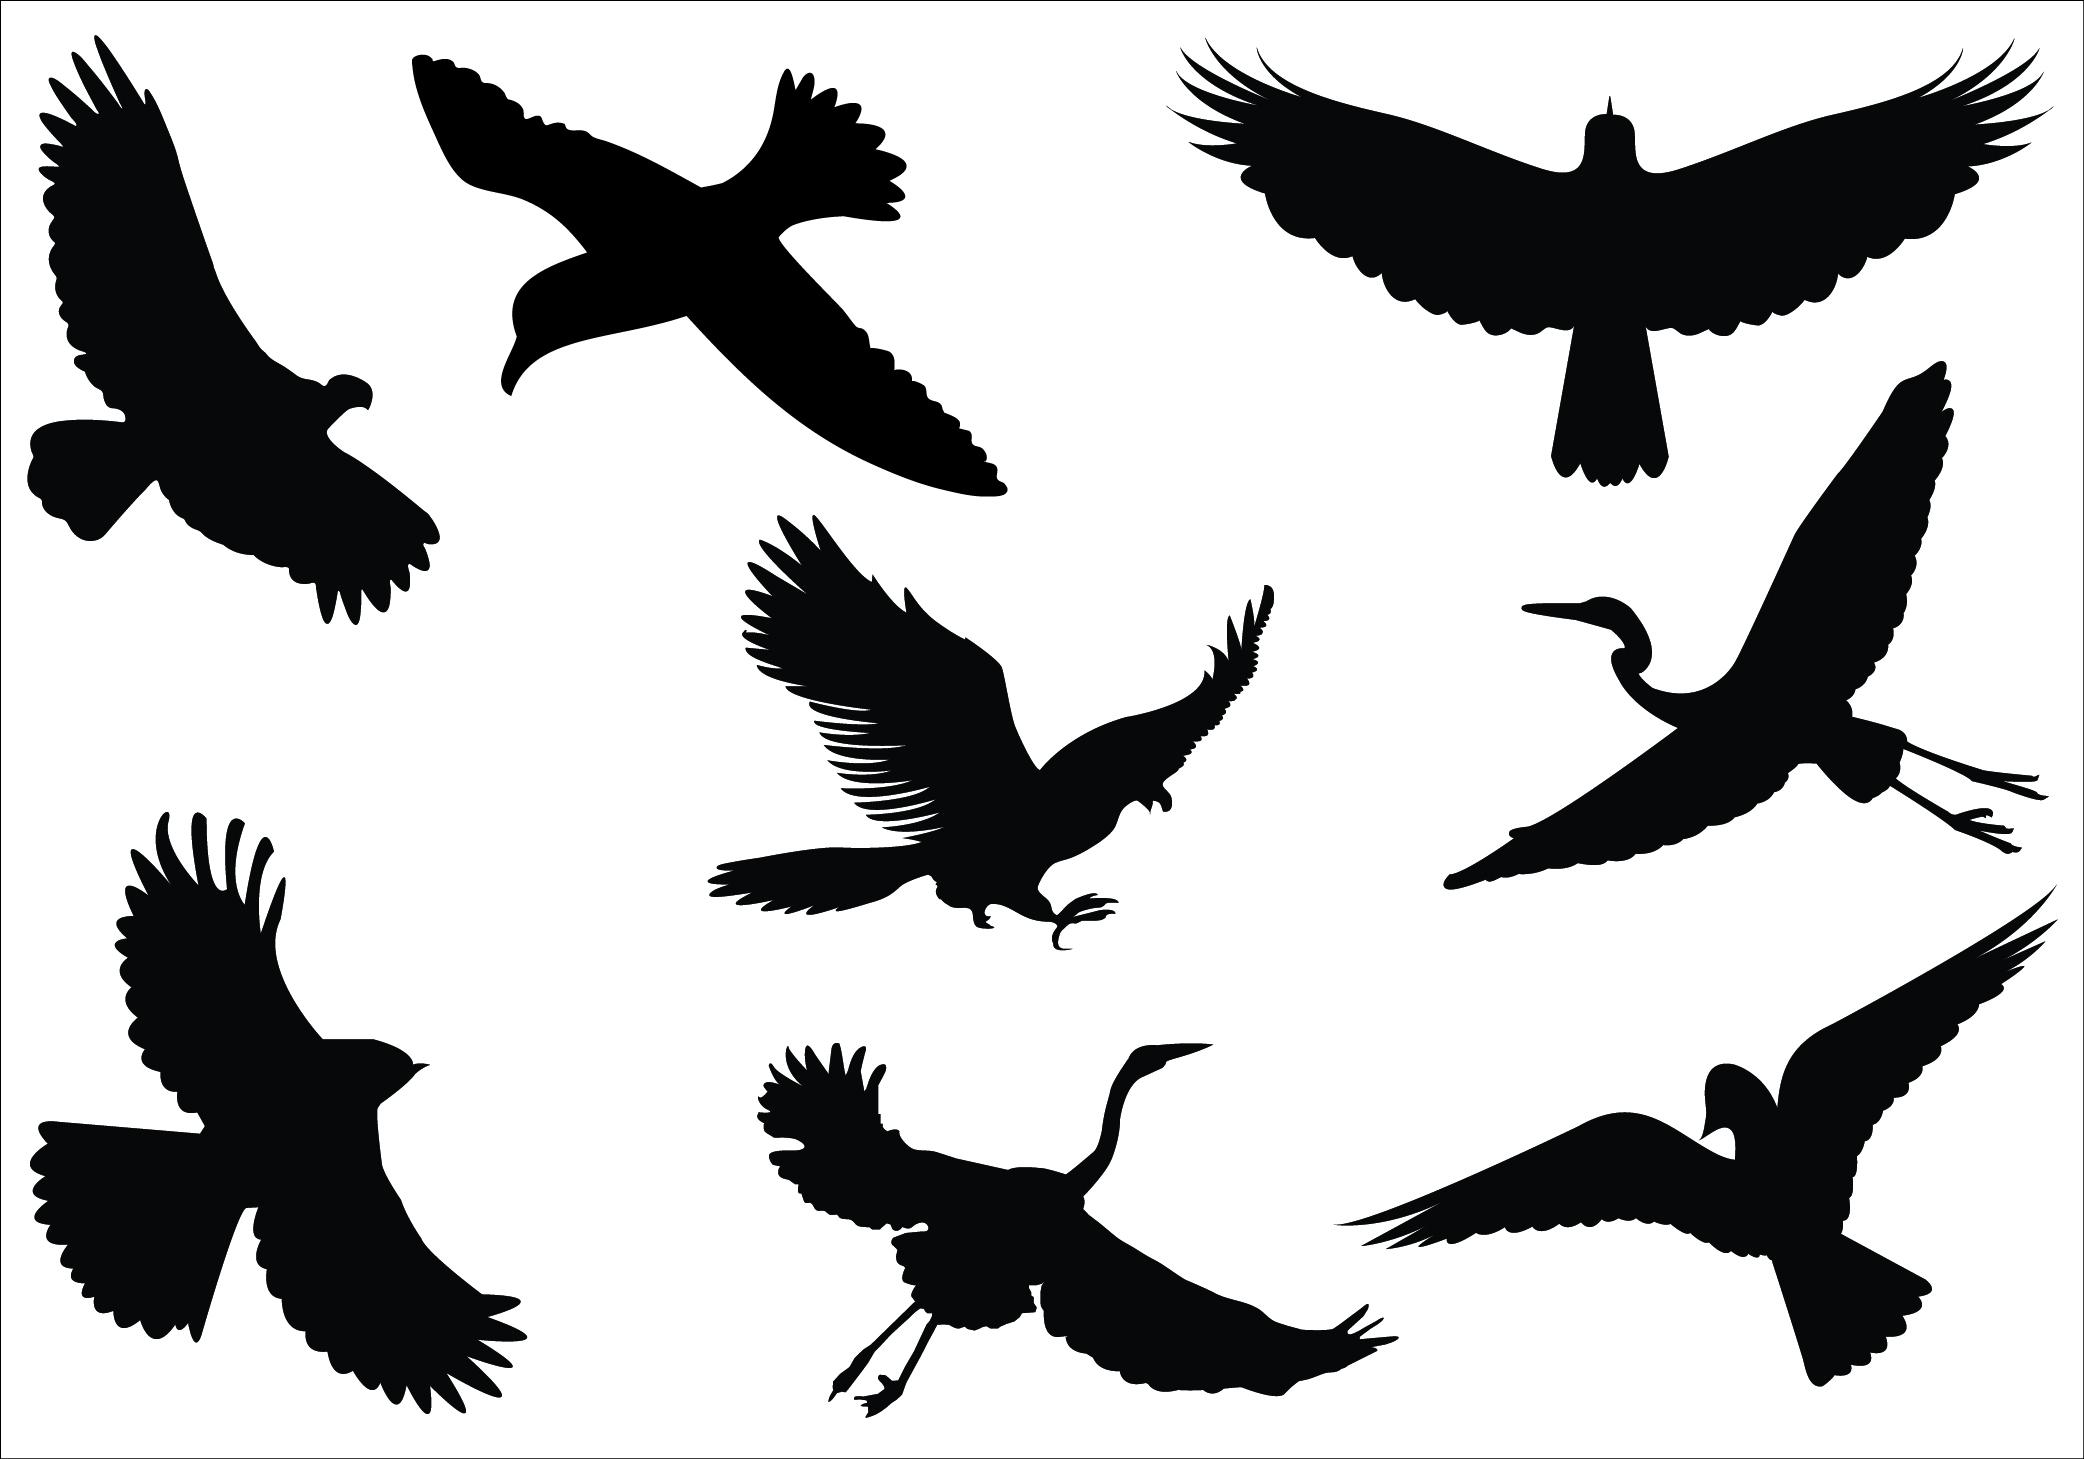 Birds in flight clipart.